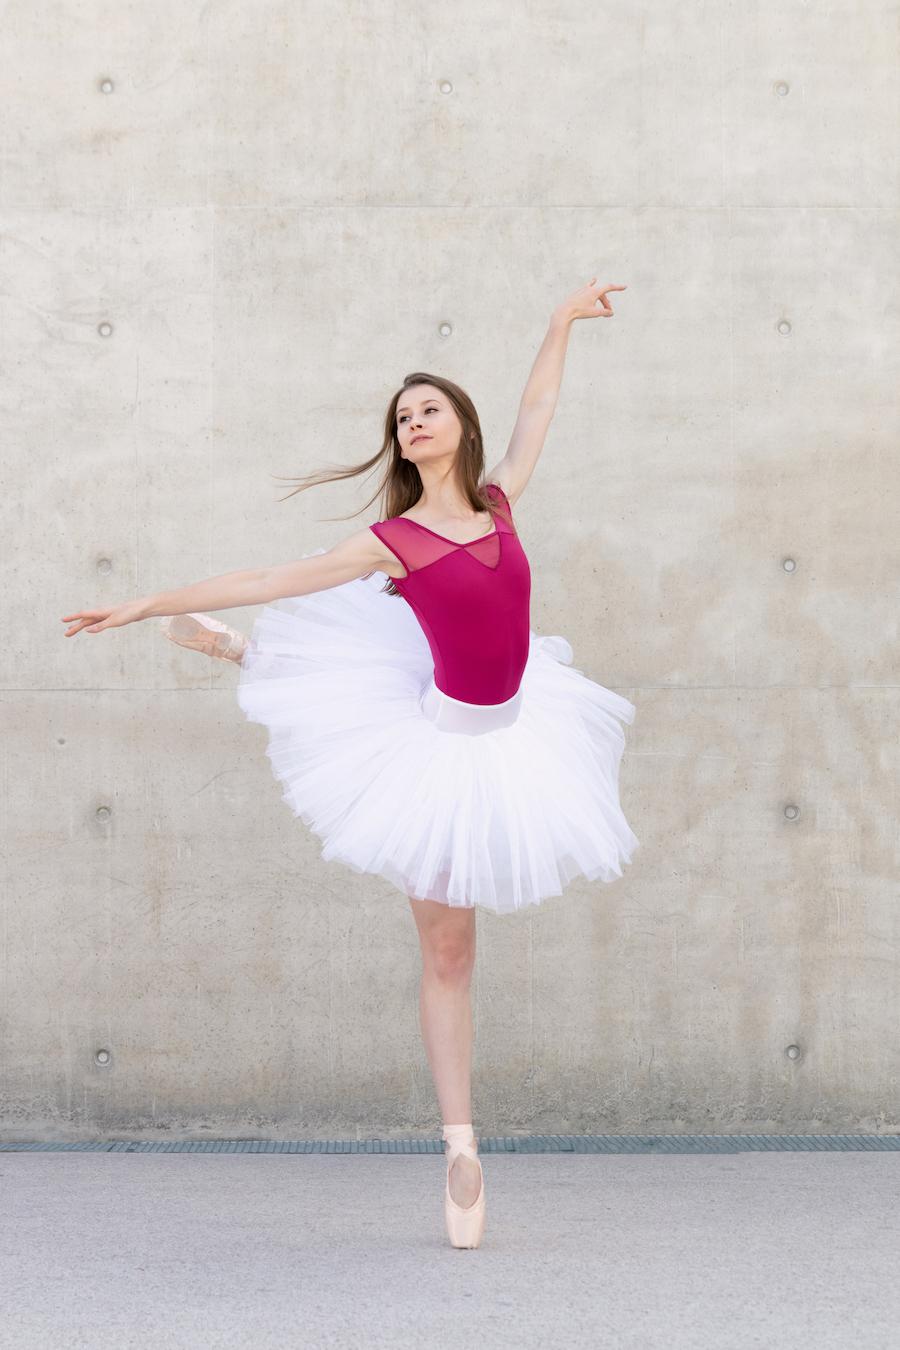 Séance photo de danse classique à Nancy urbaine